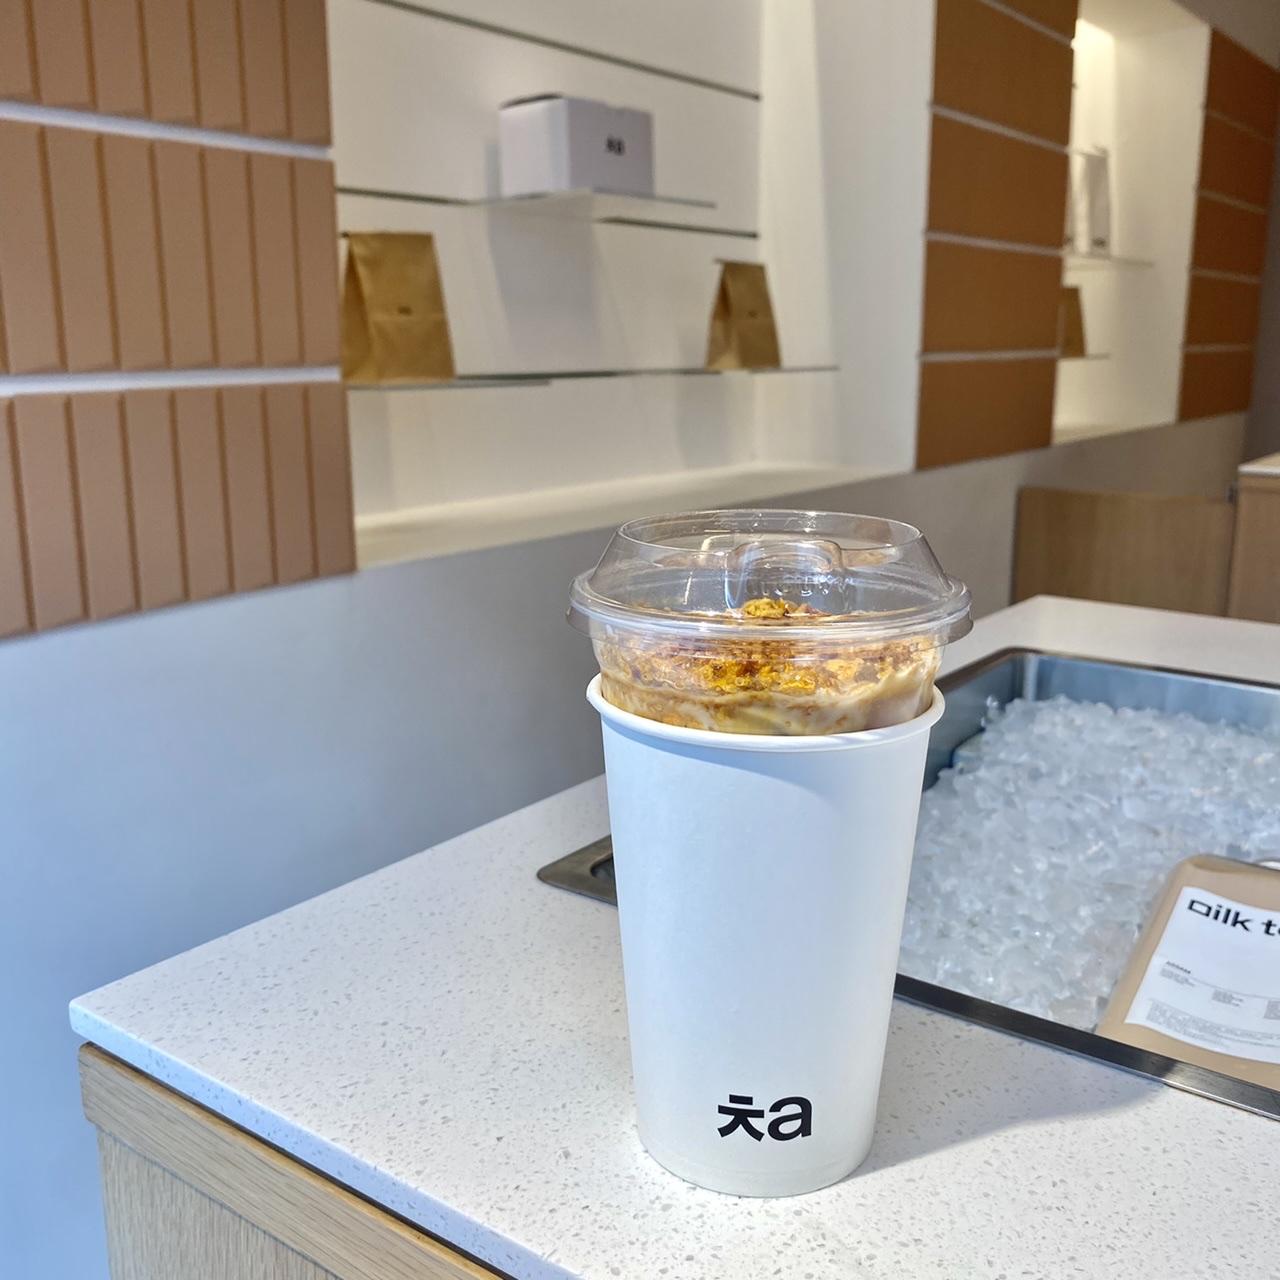 【Cha Aoyama】韓国発ミルクティー専門店★《タルゴナミルクティー》が美味しすぎ♡_2